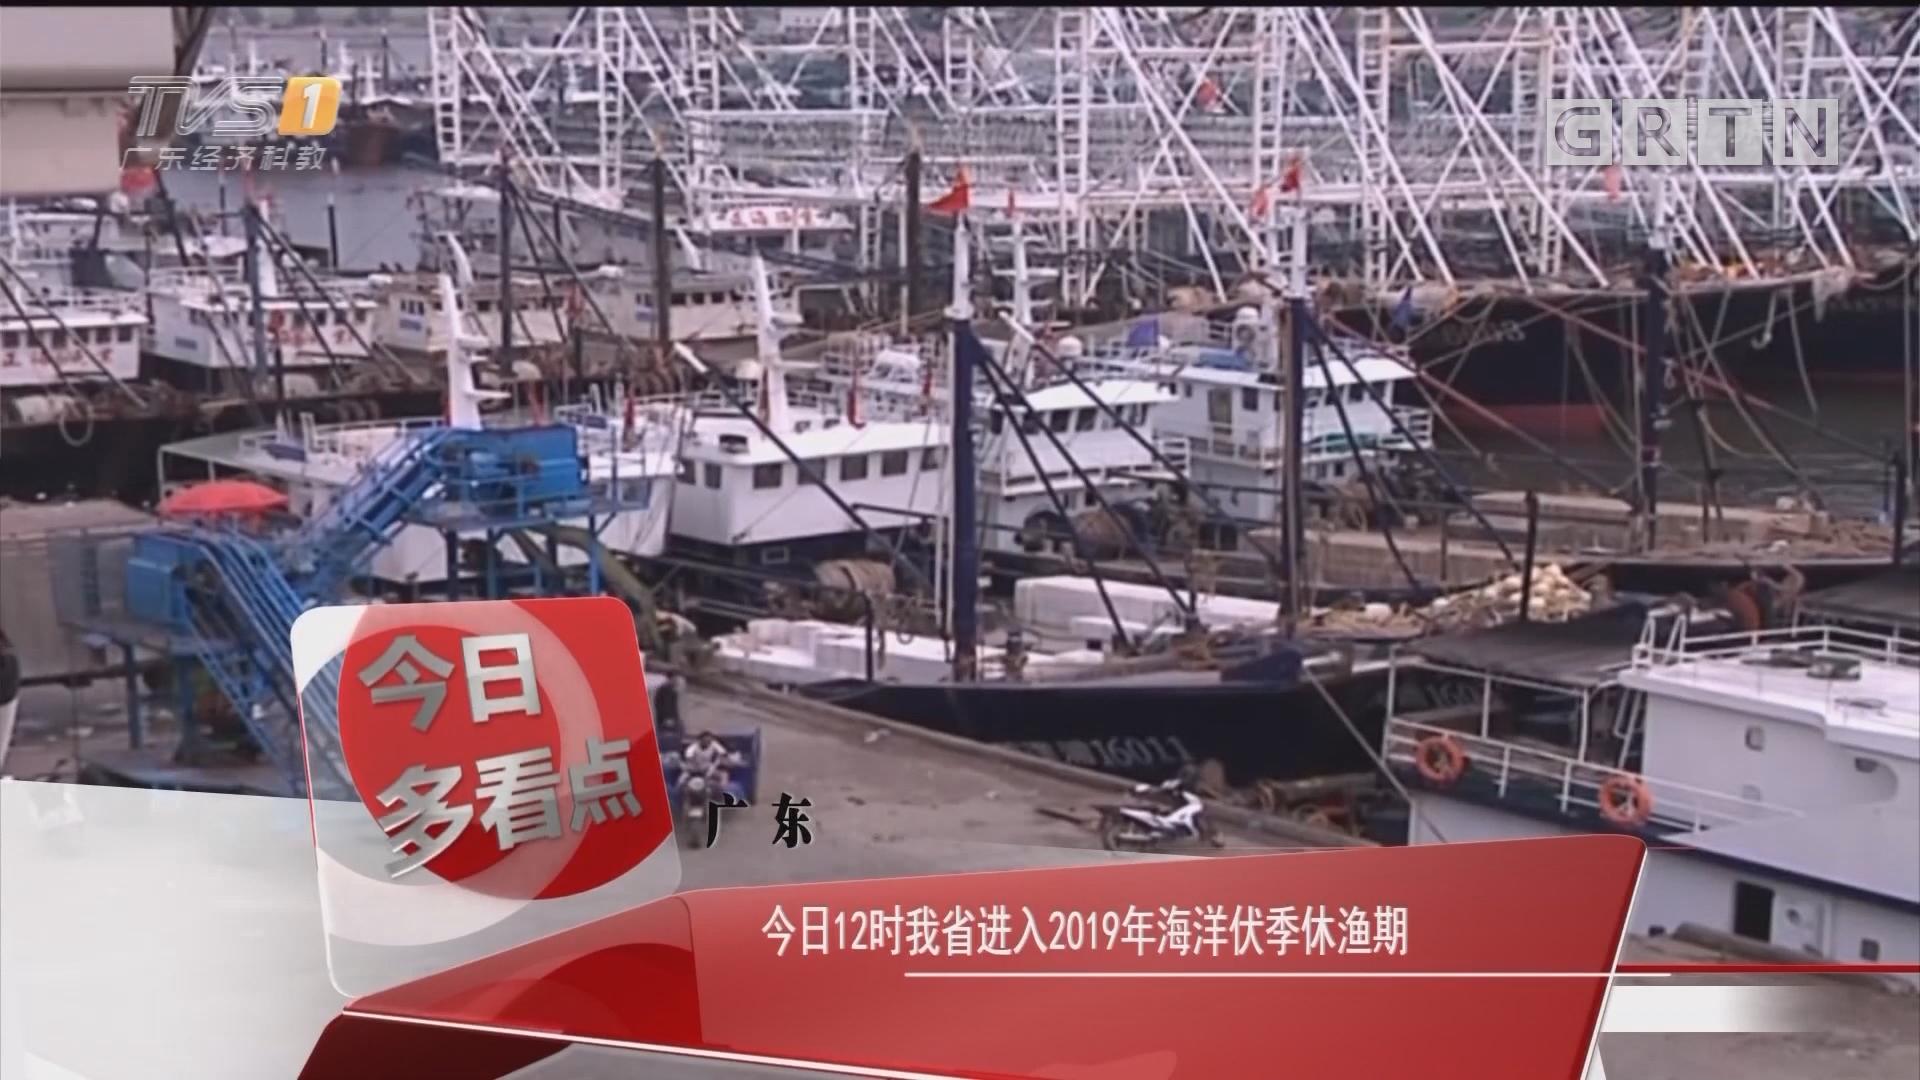 广东:今日12时我省进入2019年海洋伏季休渔期